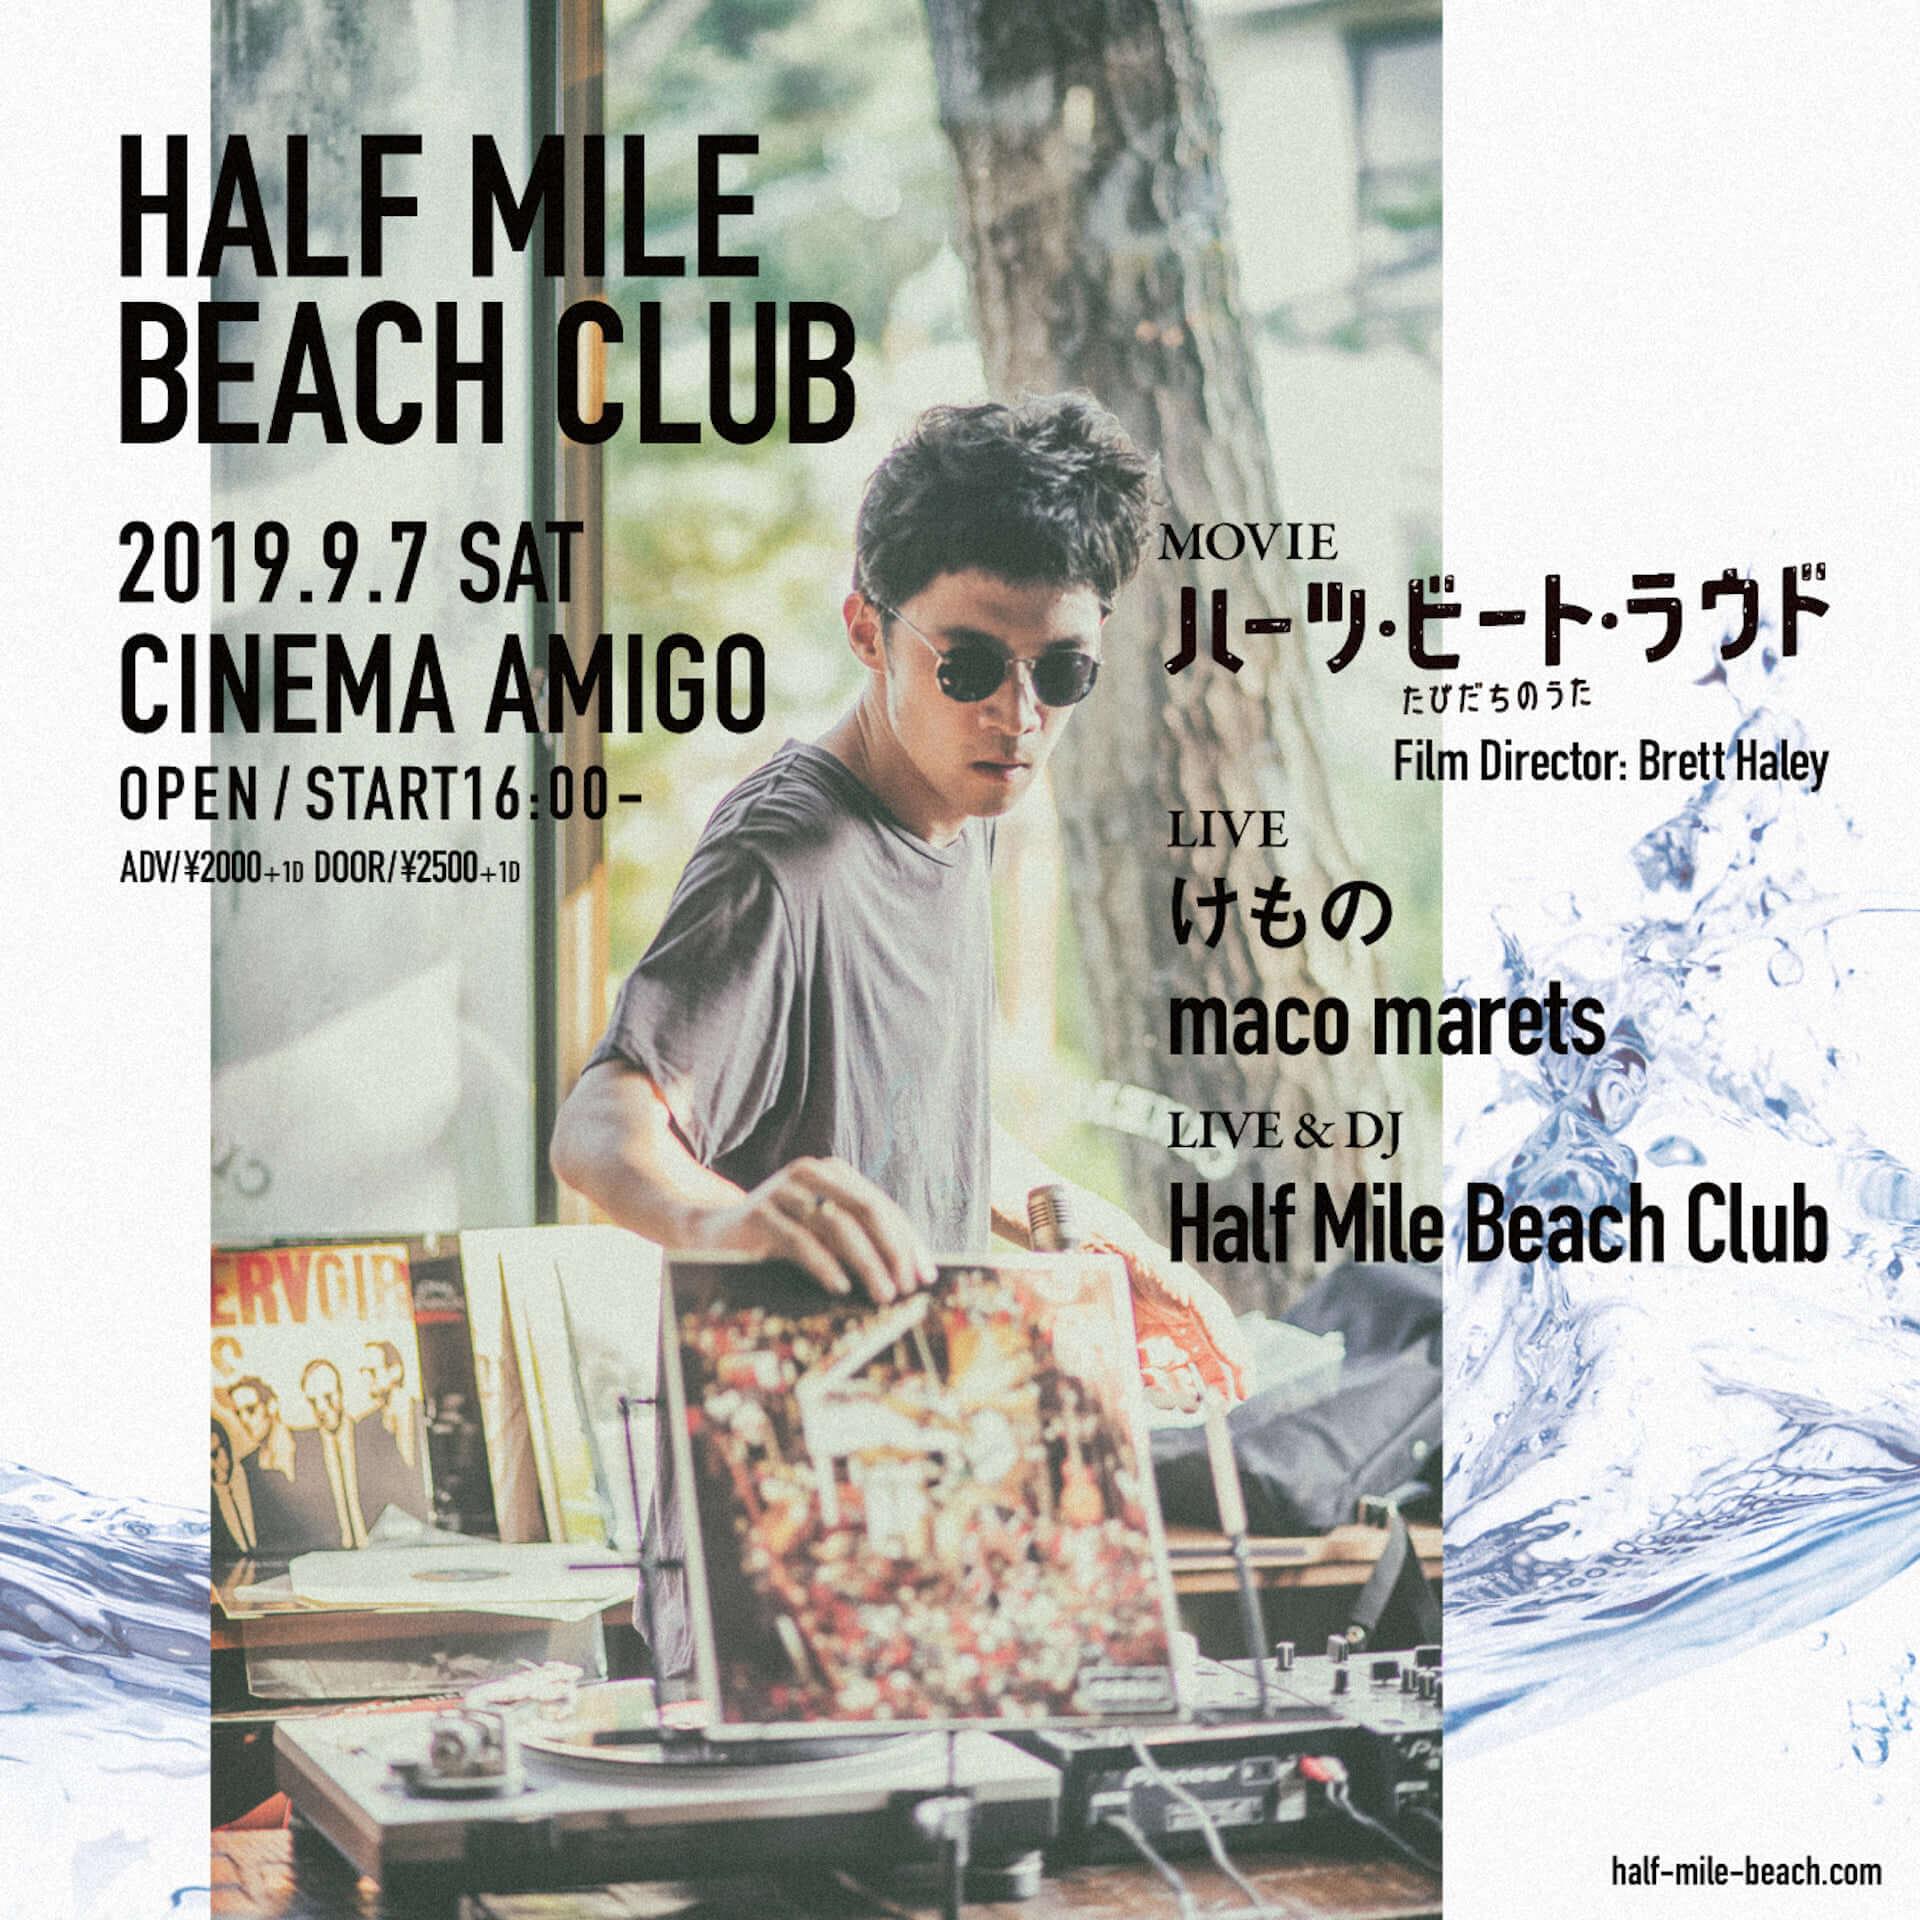 野外映画×音楽イベント<Half Mile Beach Club>が逗子で開催|けもの、maco maretsらライブ出演 music190805half-mile-beach-club_1-1920x1920